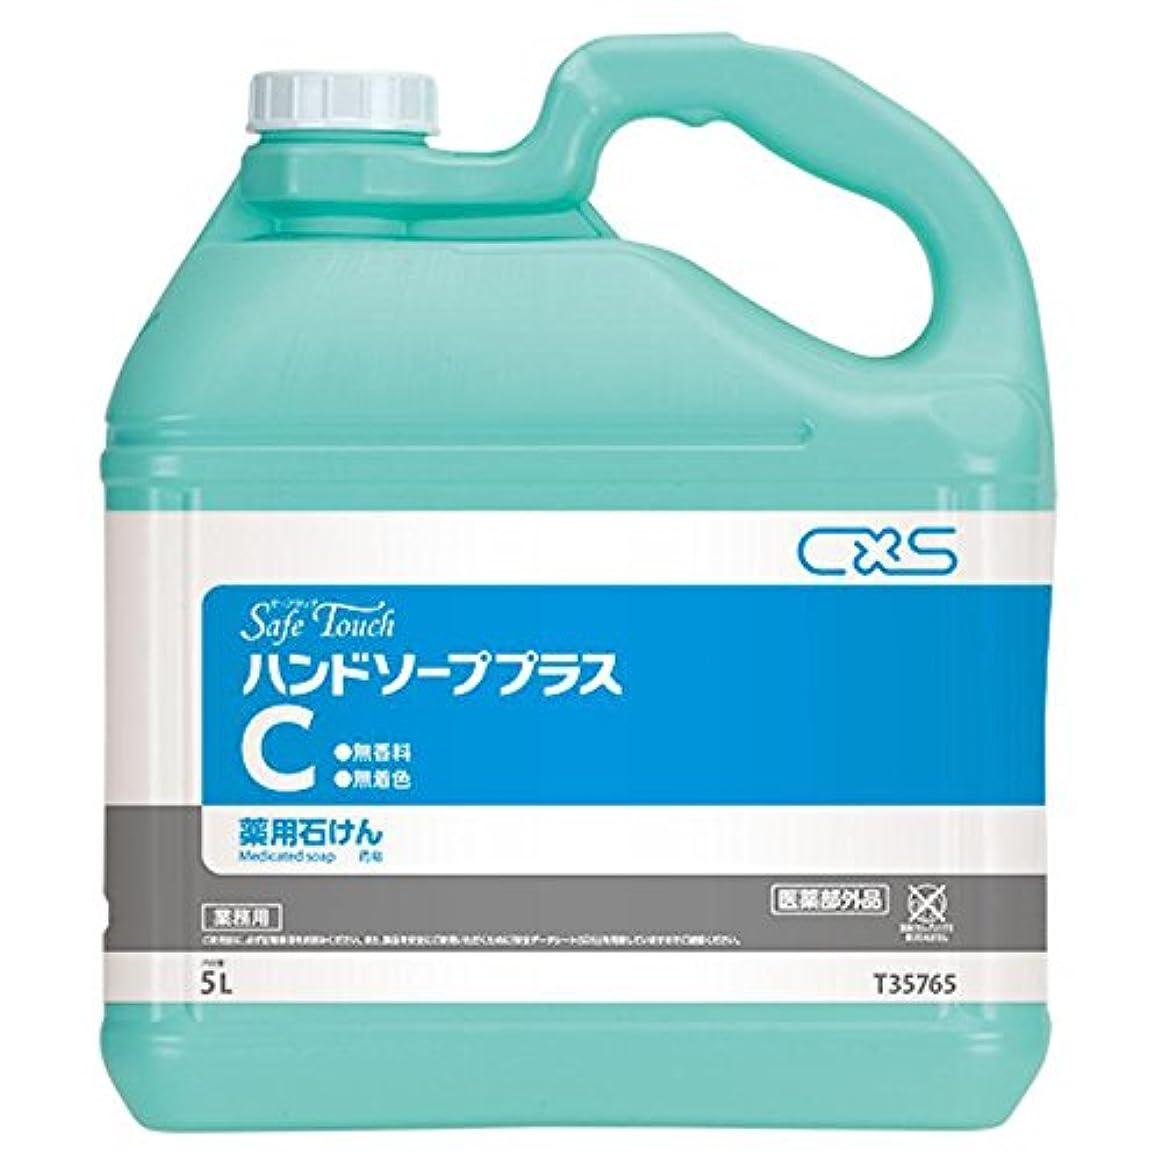 シーバイエス(C×S) 手洗い用石鹸 セーフタッチハンドソーププラスC 5L